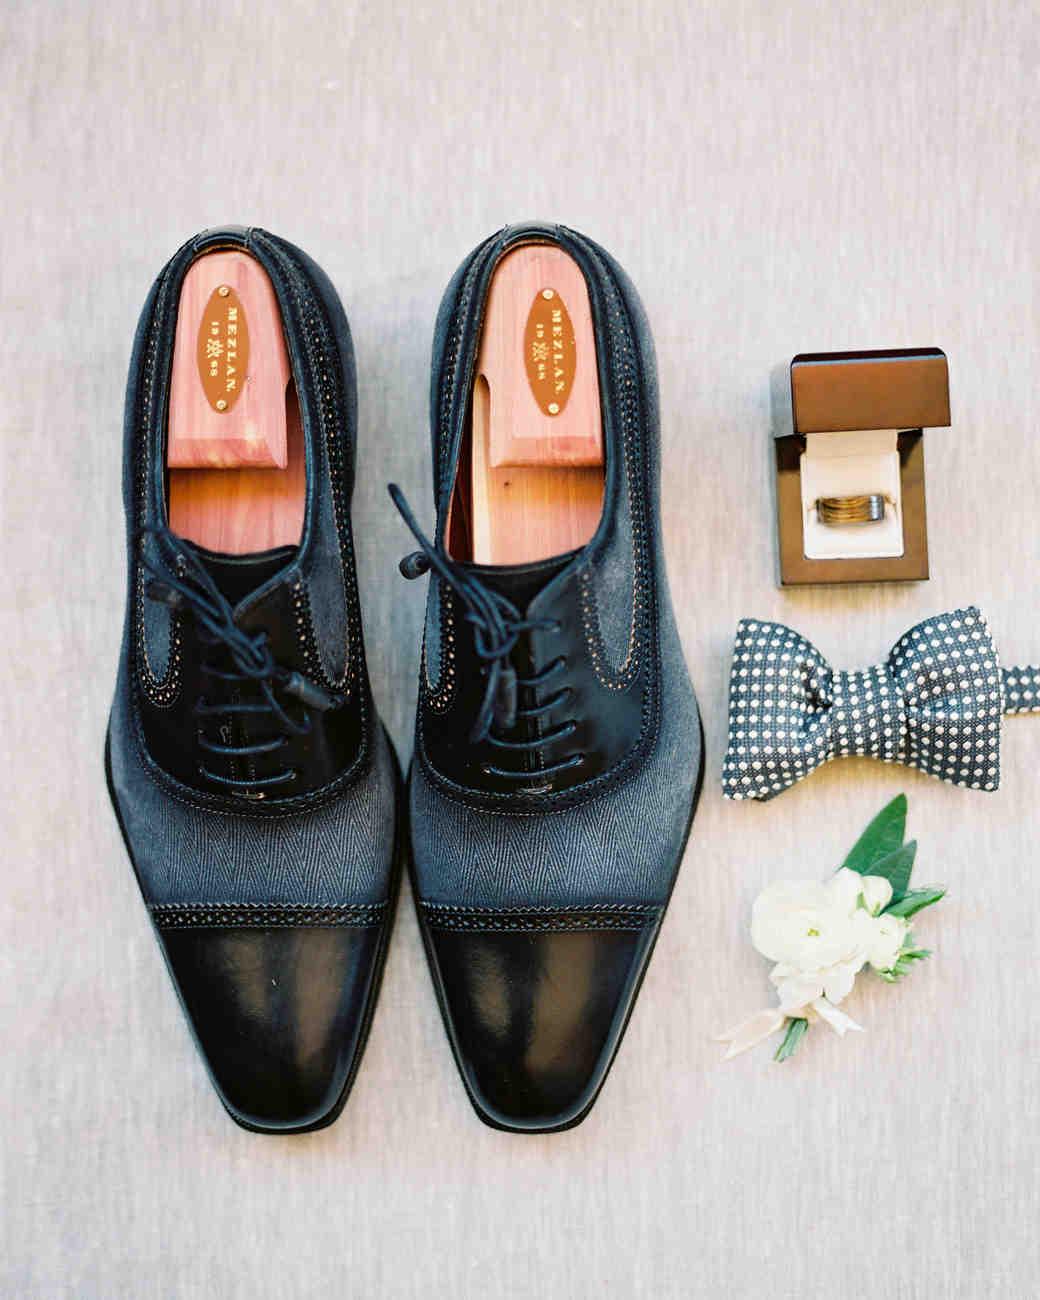 mckenzie-brandon-wedding-accessories-40-s112364-1115.jpg